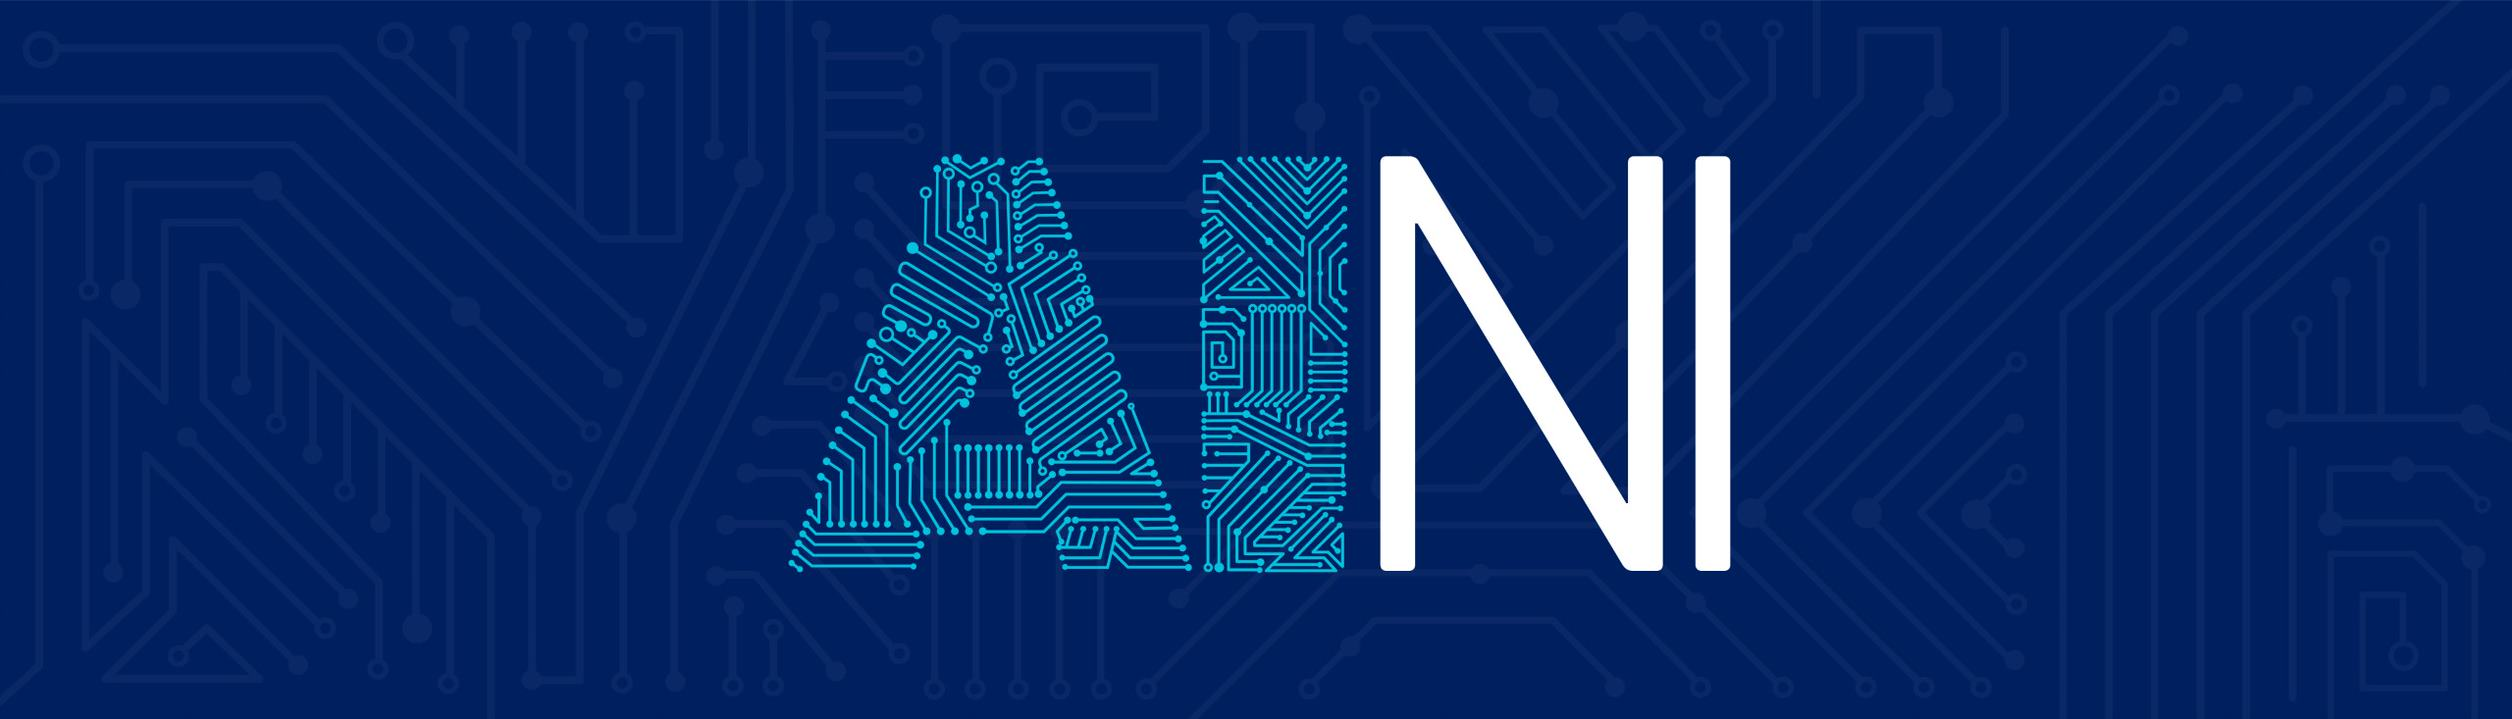 AI NI #2 –  Barclays AI Frenzy